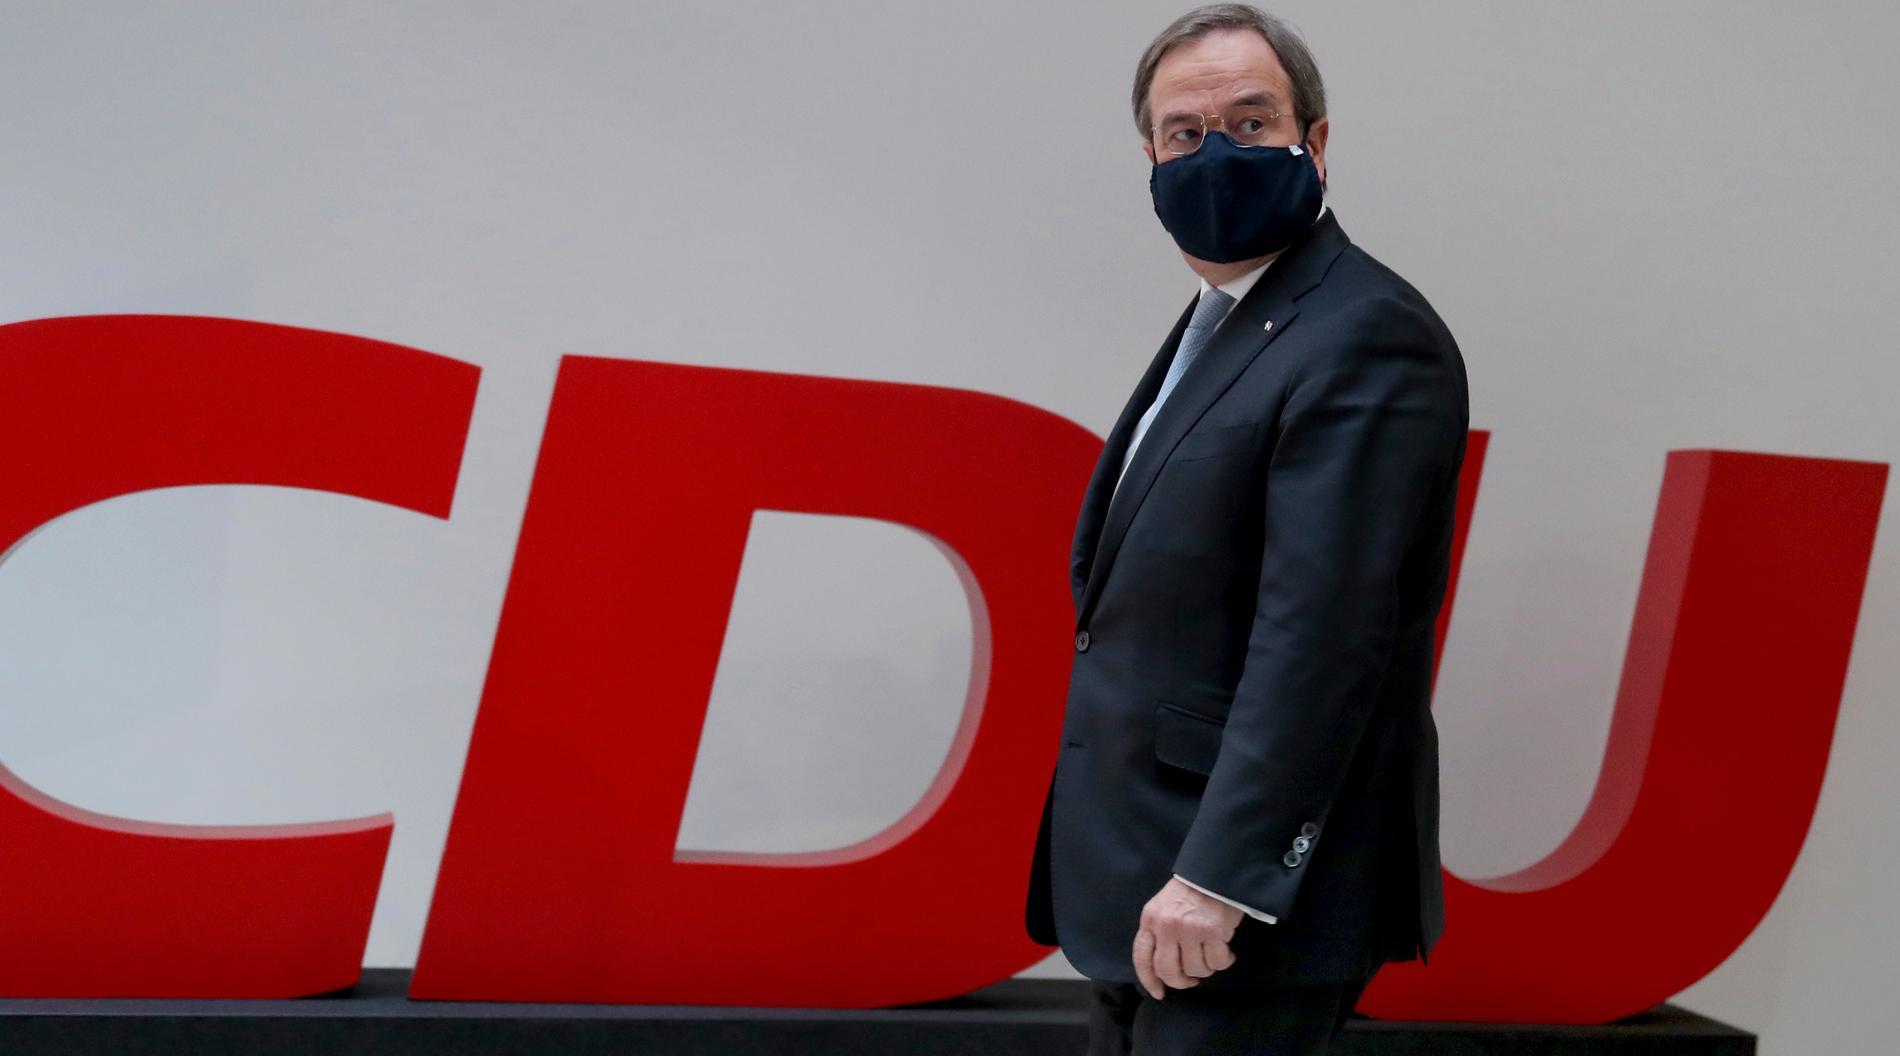 Kristdemokratiska CDU:s kandidat Armin Laschet.